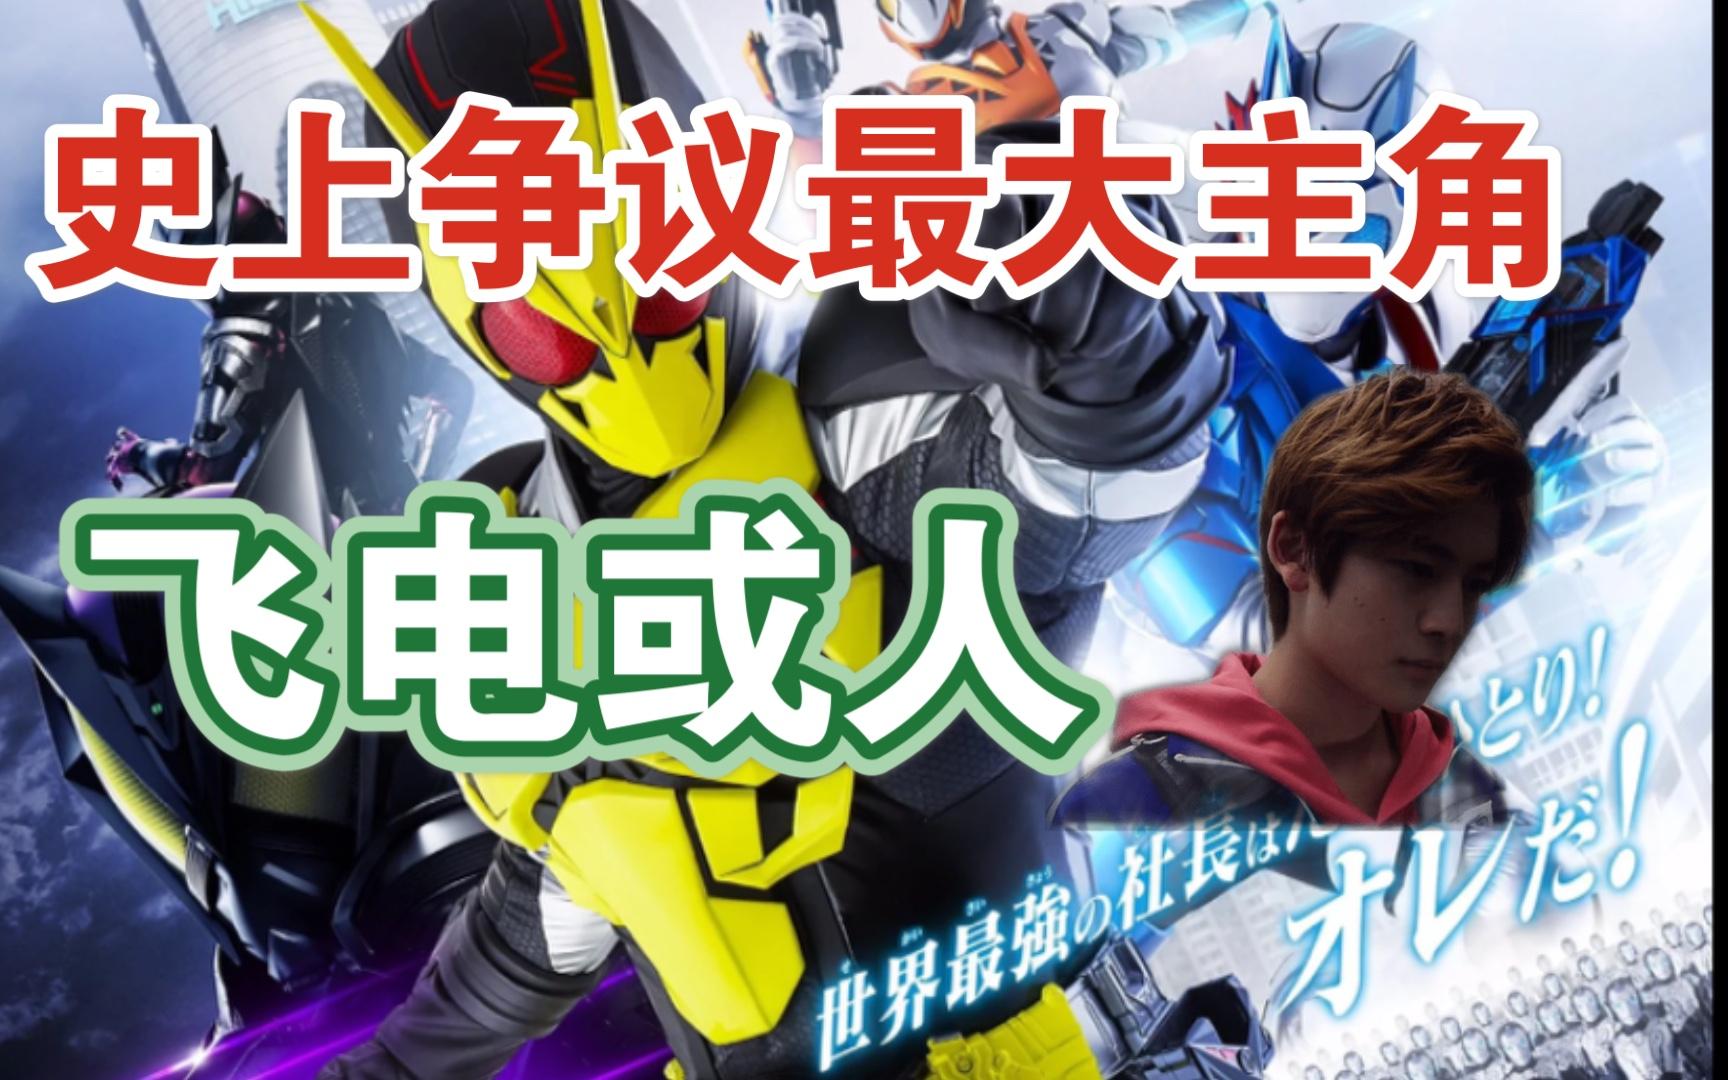 【nito的特摄人物志】史上争议最大的骑士主角 飞电或人